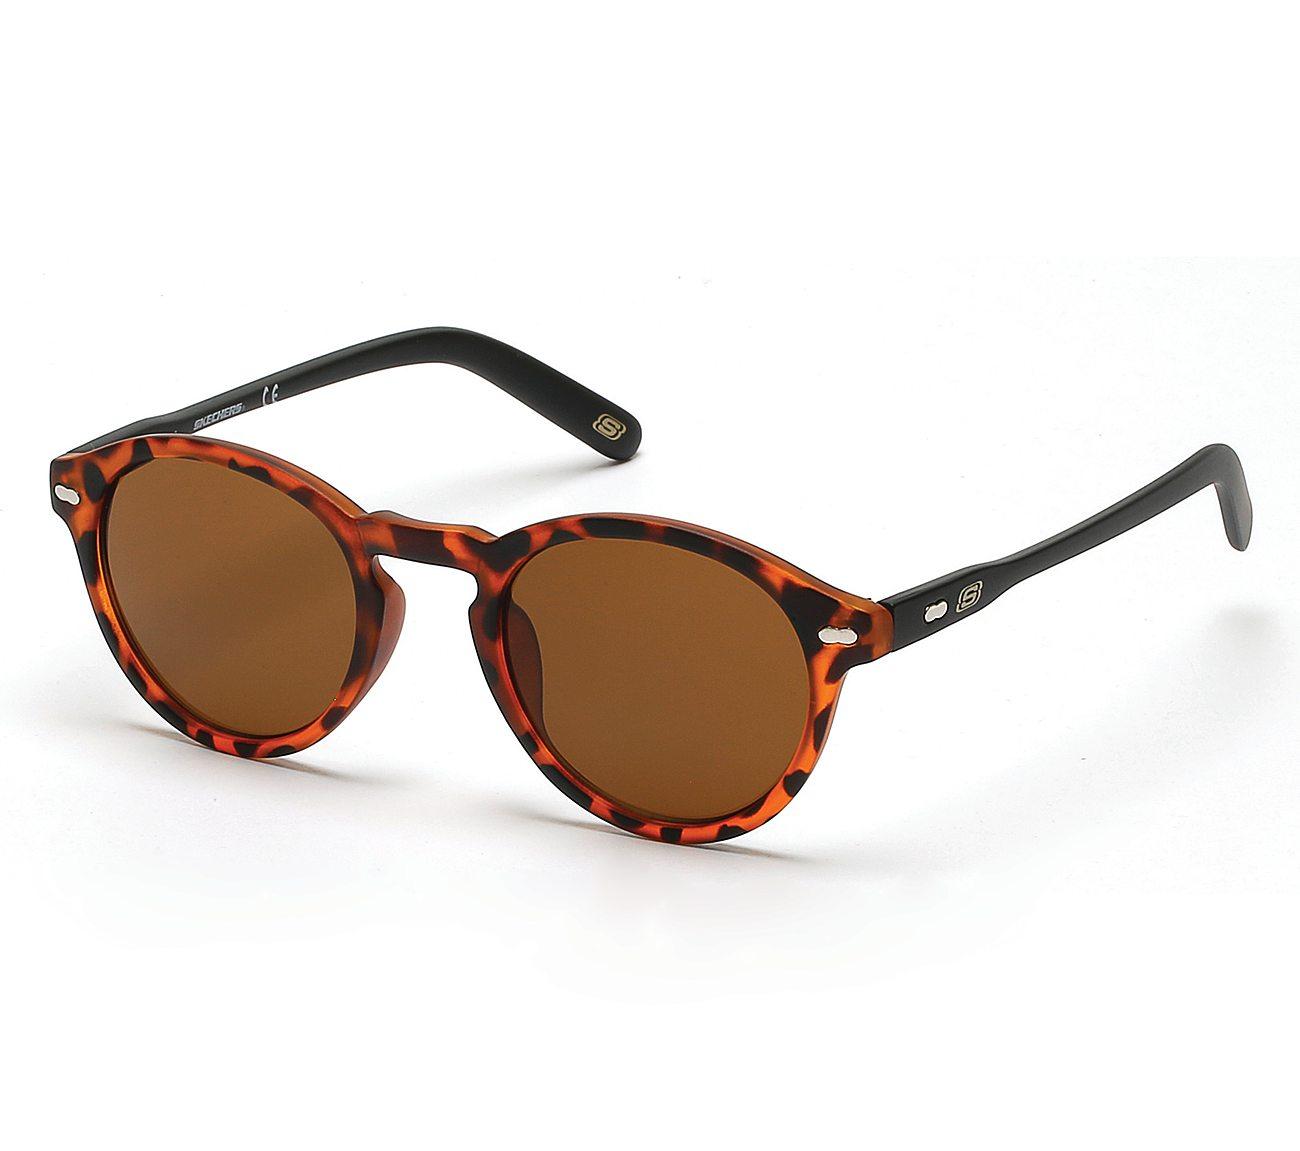 Round Retro Sunglasses